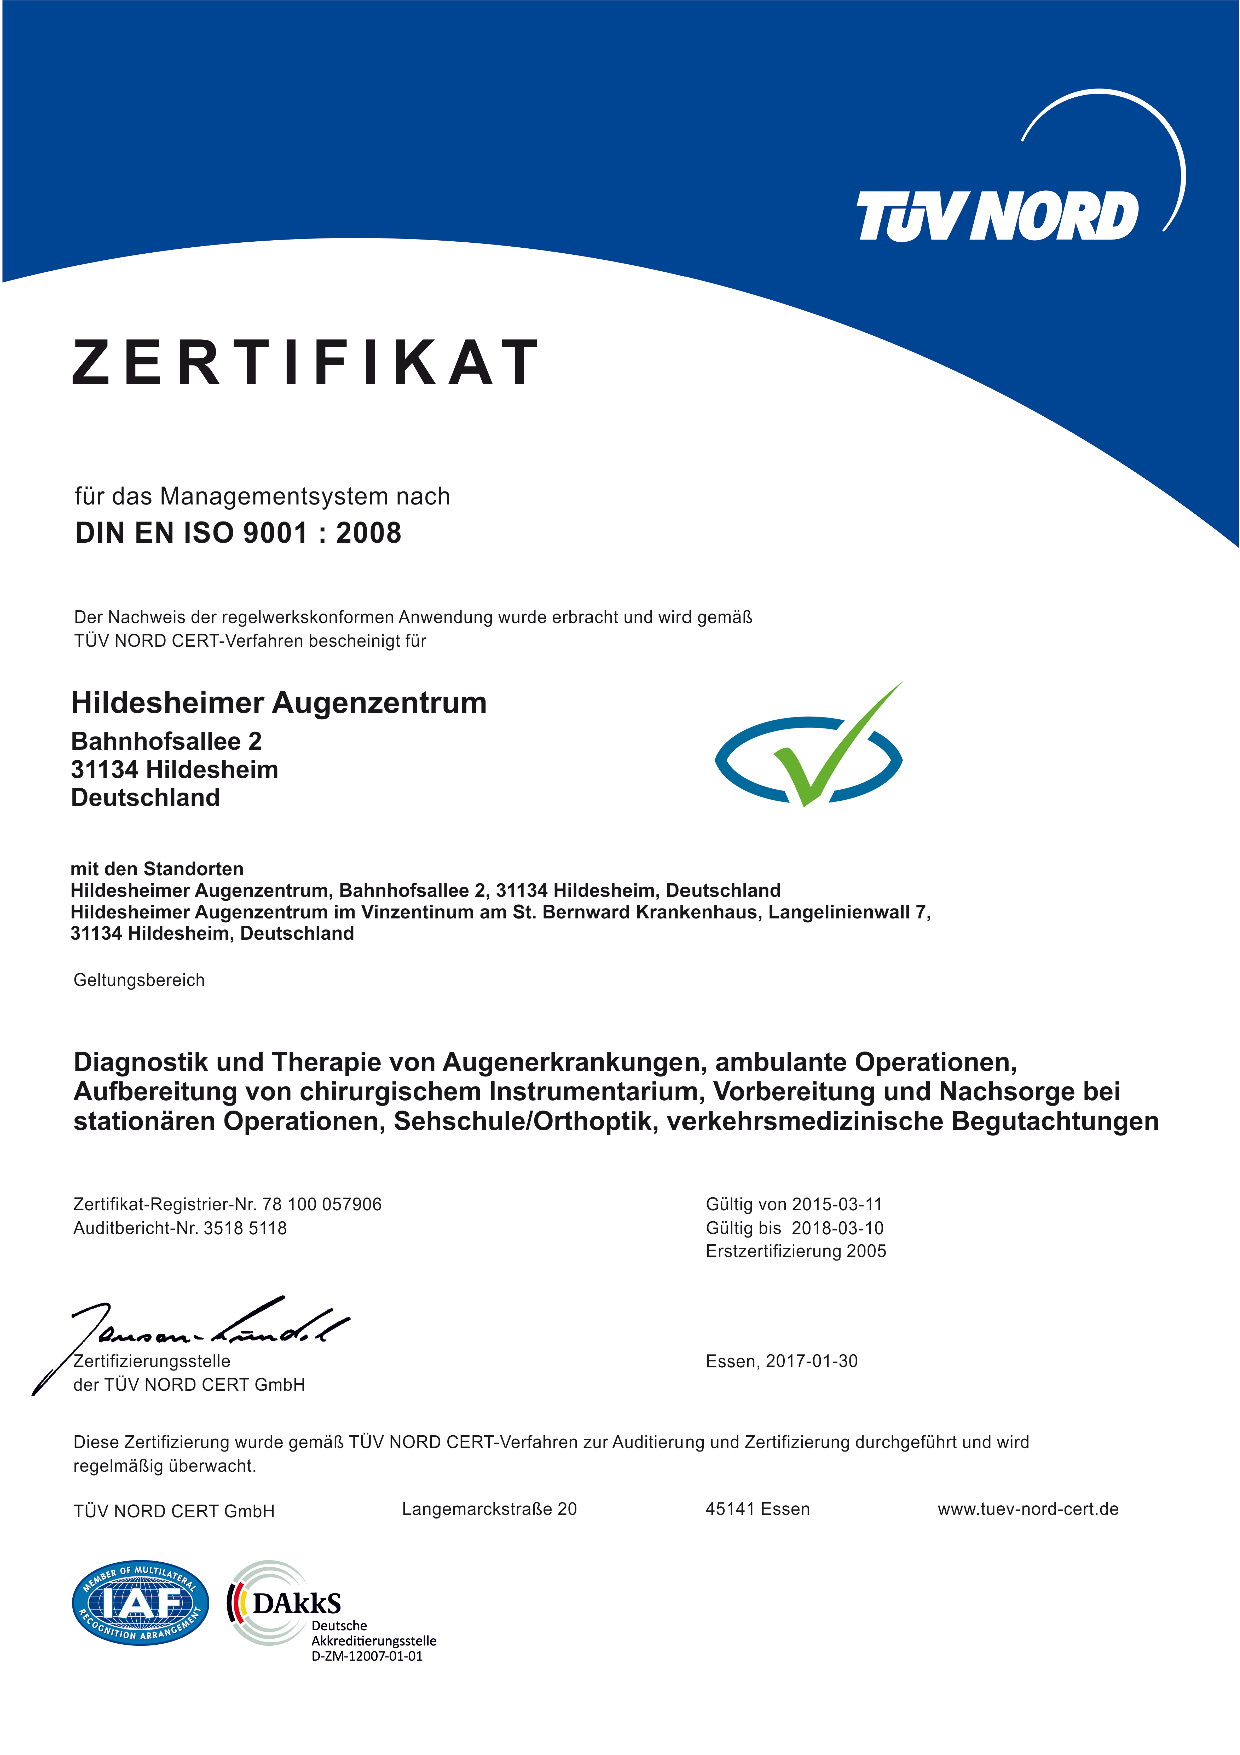 Qualitätsmanagementsystem nach DIN EN ISO 9001 : 2008 im Hildesheimer Augenzentrum